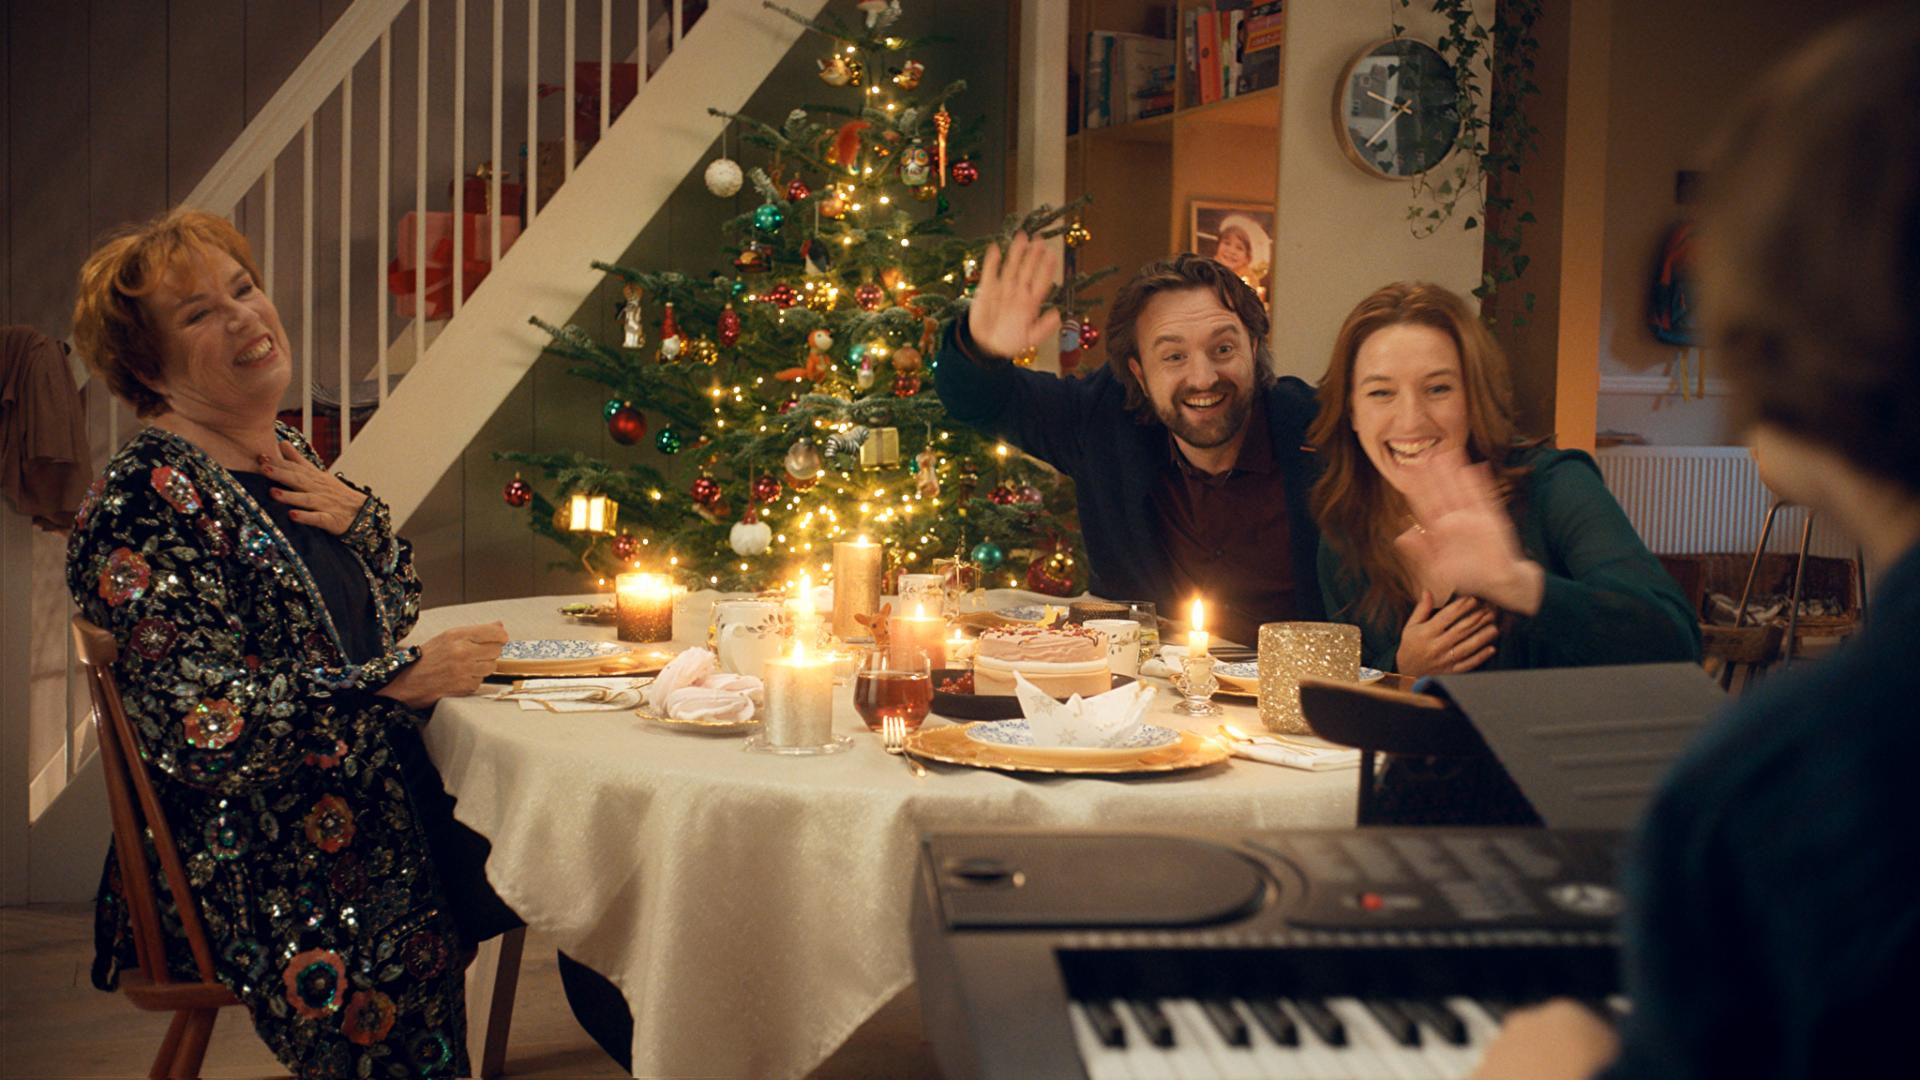 Beeld uit kerstcommercial Albert Heijn aan tafel